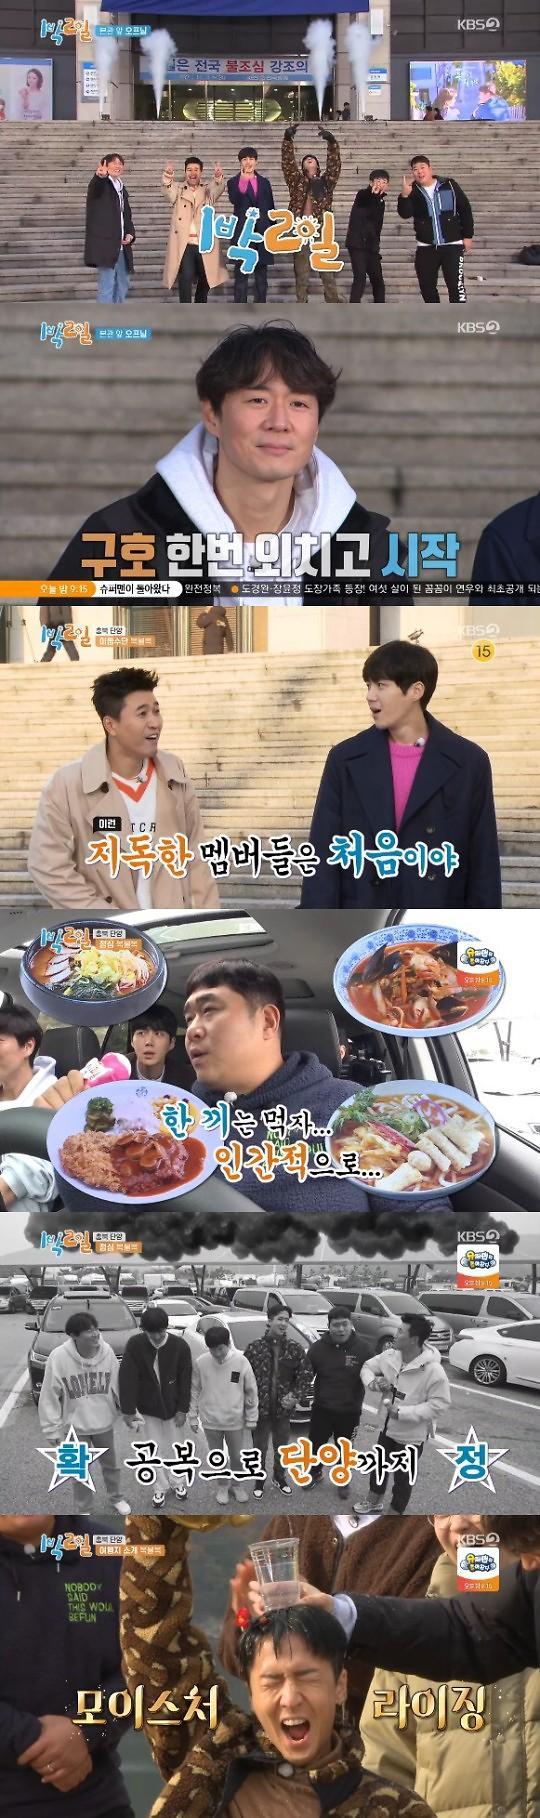 [간밤의 TV] 돌아온 1박2일 시즌 4, 15%대 시청률로 산뜻한 출발